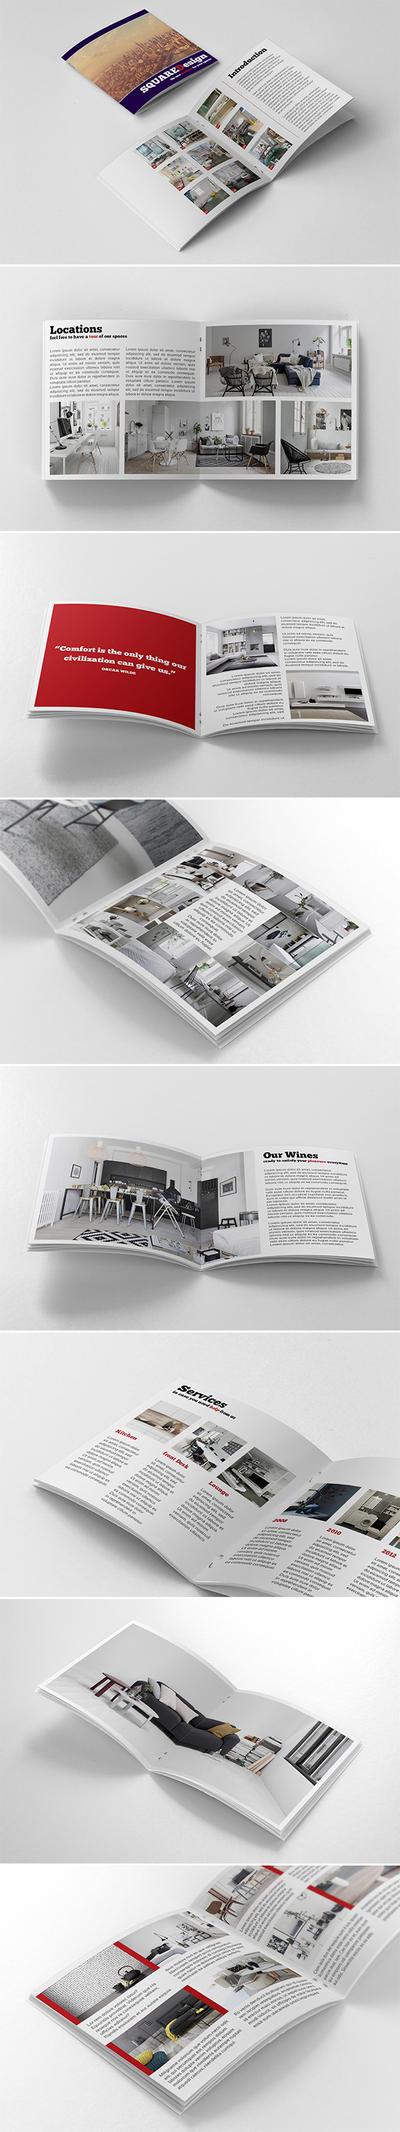 Square Design Brochure